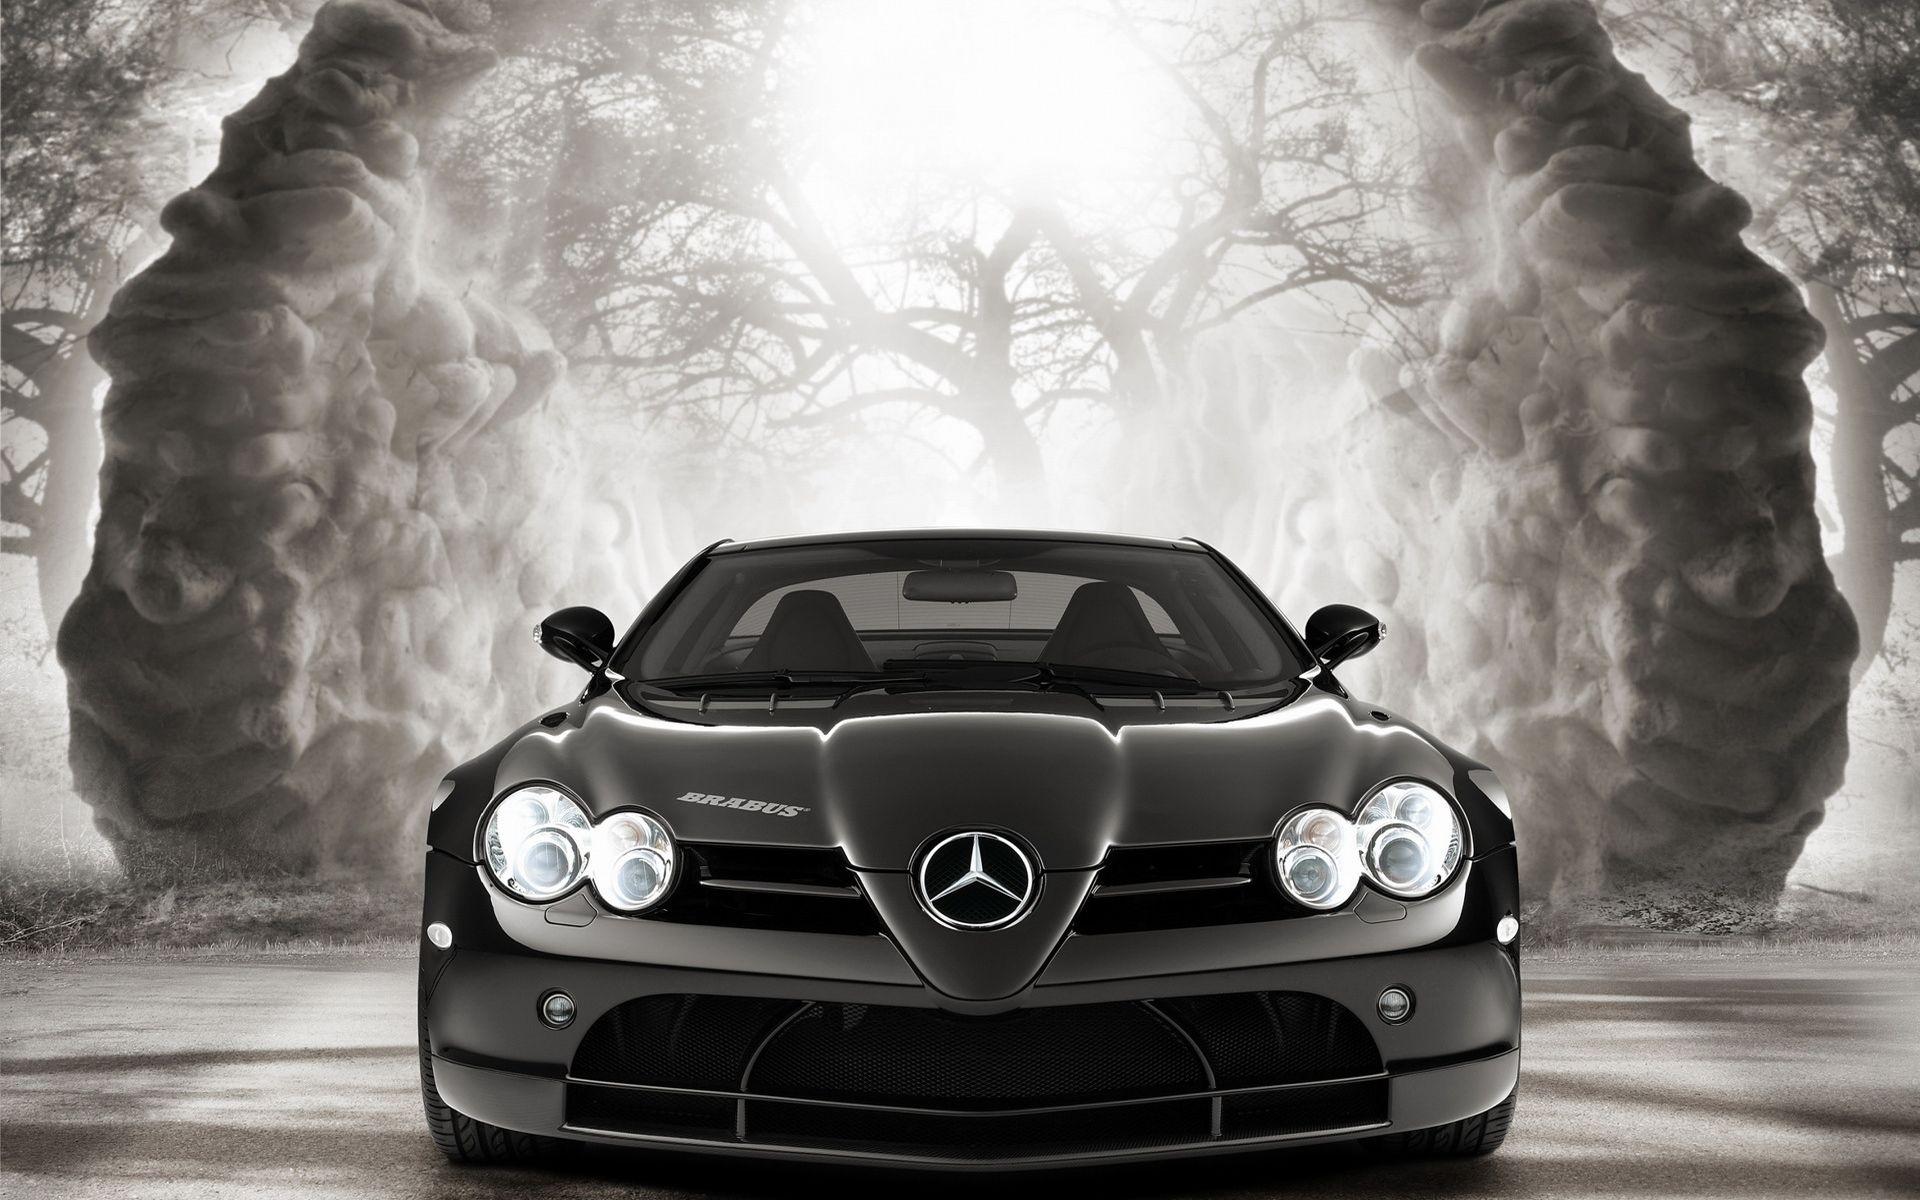 42189 скачать обои Транспорт, Машины, Мерседес (Mercedes), Рисунки - заставки и картинки бесплатно